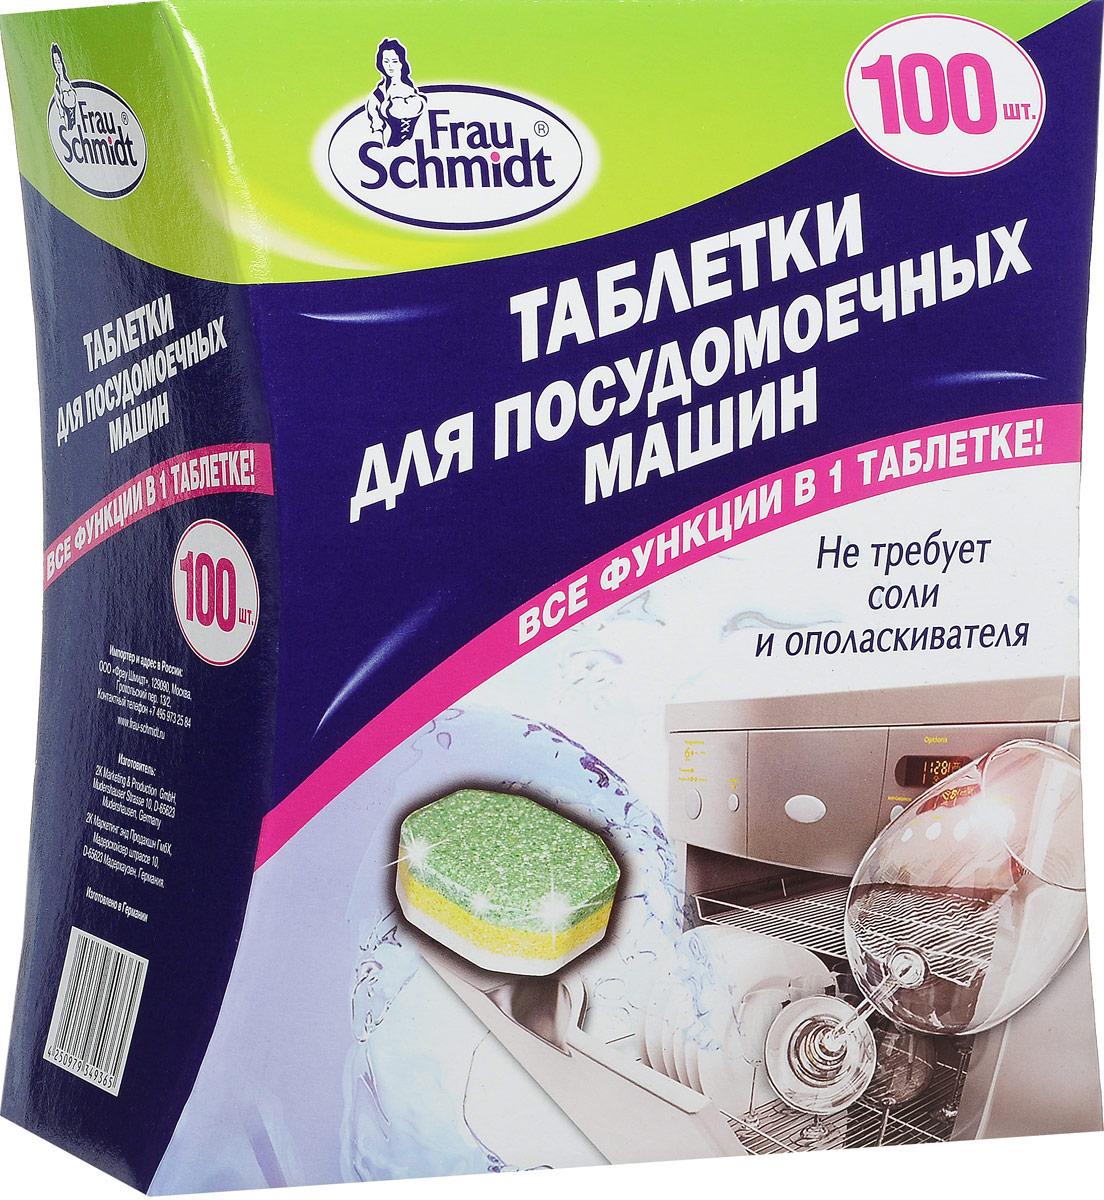 Таблетки для посудомоечной машины Frau Schmidt Все в одном, 100 шт4936000Таблетки для посудомоечной машины Frau Schmidt Все в одном эффективно удаляют жир и нейтрализуют запах. Таблетки защищают посудомоечную машину от известковых отложений и эффективны при низких температурах. Средство не оставляет пятен и разводов, удаляет пятна от чая и кофе. Обеспечивает защиту и блеск стекла, серебра и нержавеющей стали. Таблетки не требуют добавления соли и ополаскивателя. Состав: фосфаты, кислородосодержащие отбеливающие вещества, неионные ПАВы, поликарбоксилаты, фосфонаты, энзимы, отдушка. Товар сертифицирован.